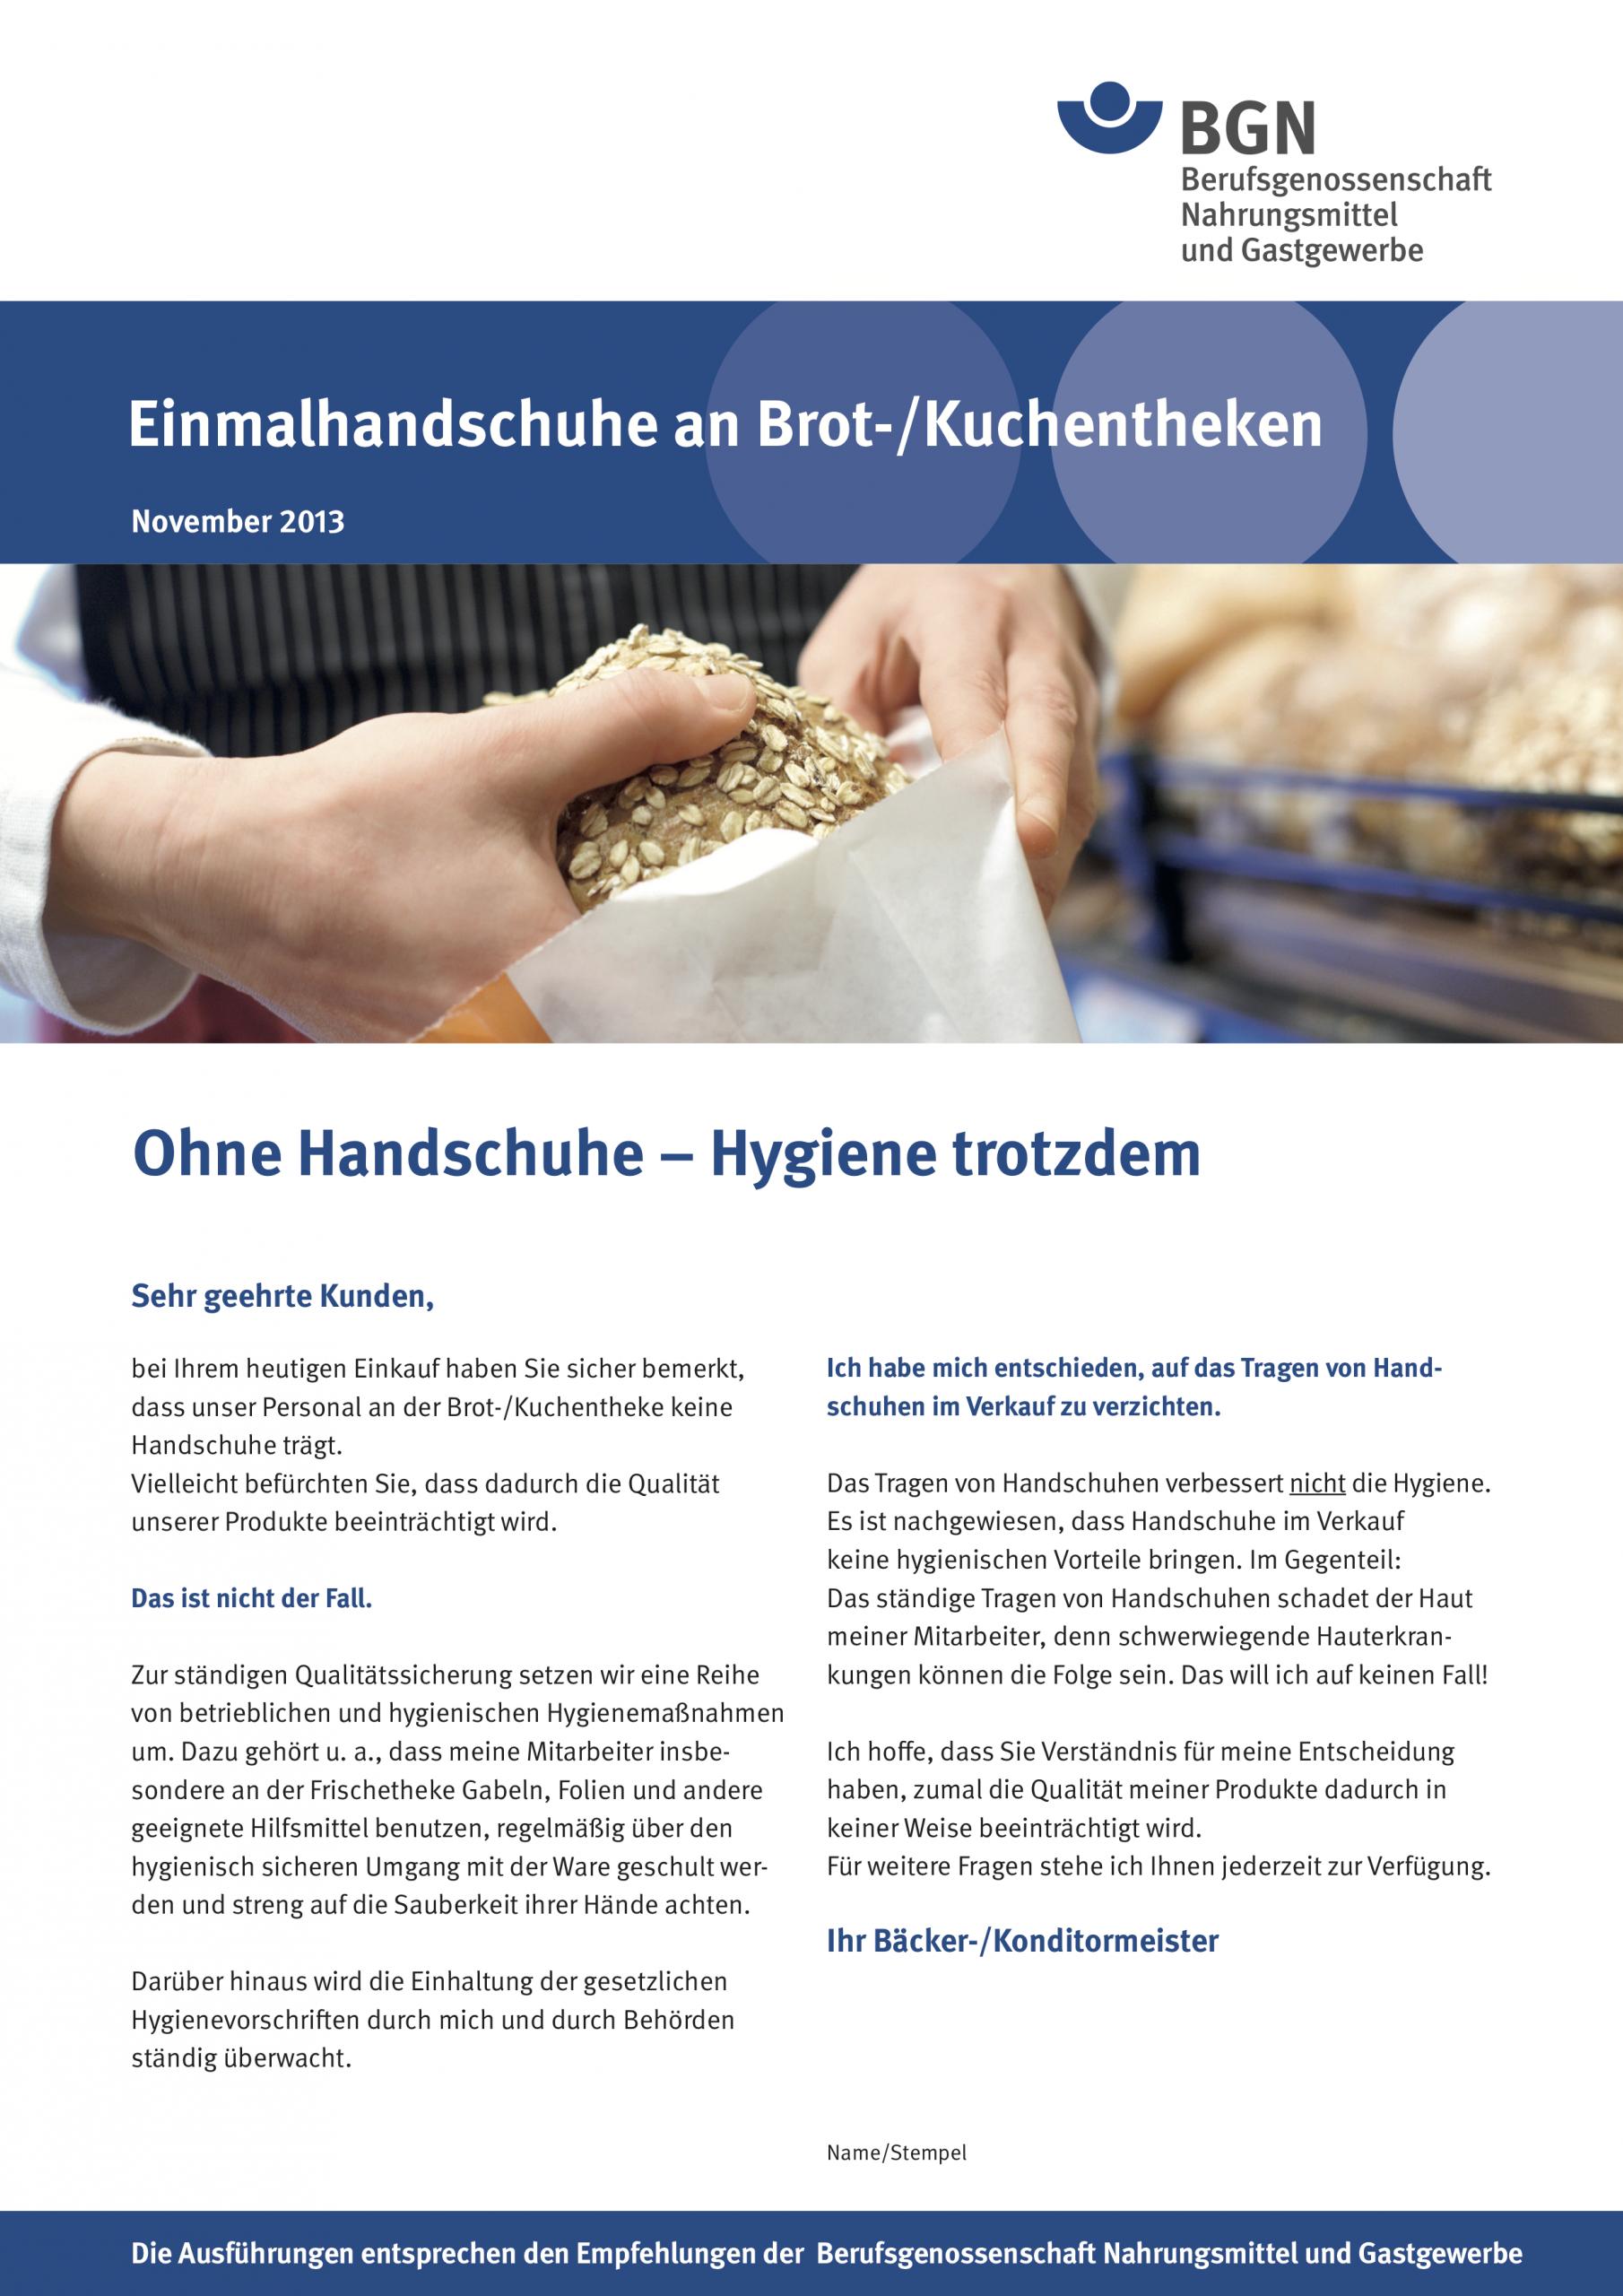 Aufklärung der Berufsgenossenschaft über die Schädlichkeit von Handschuhen für Gesundheit und Hygiene.